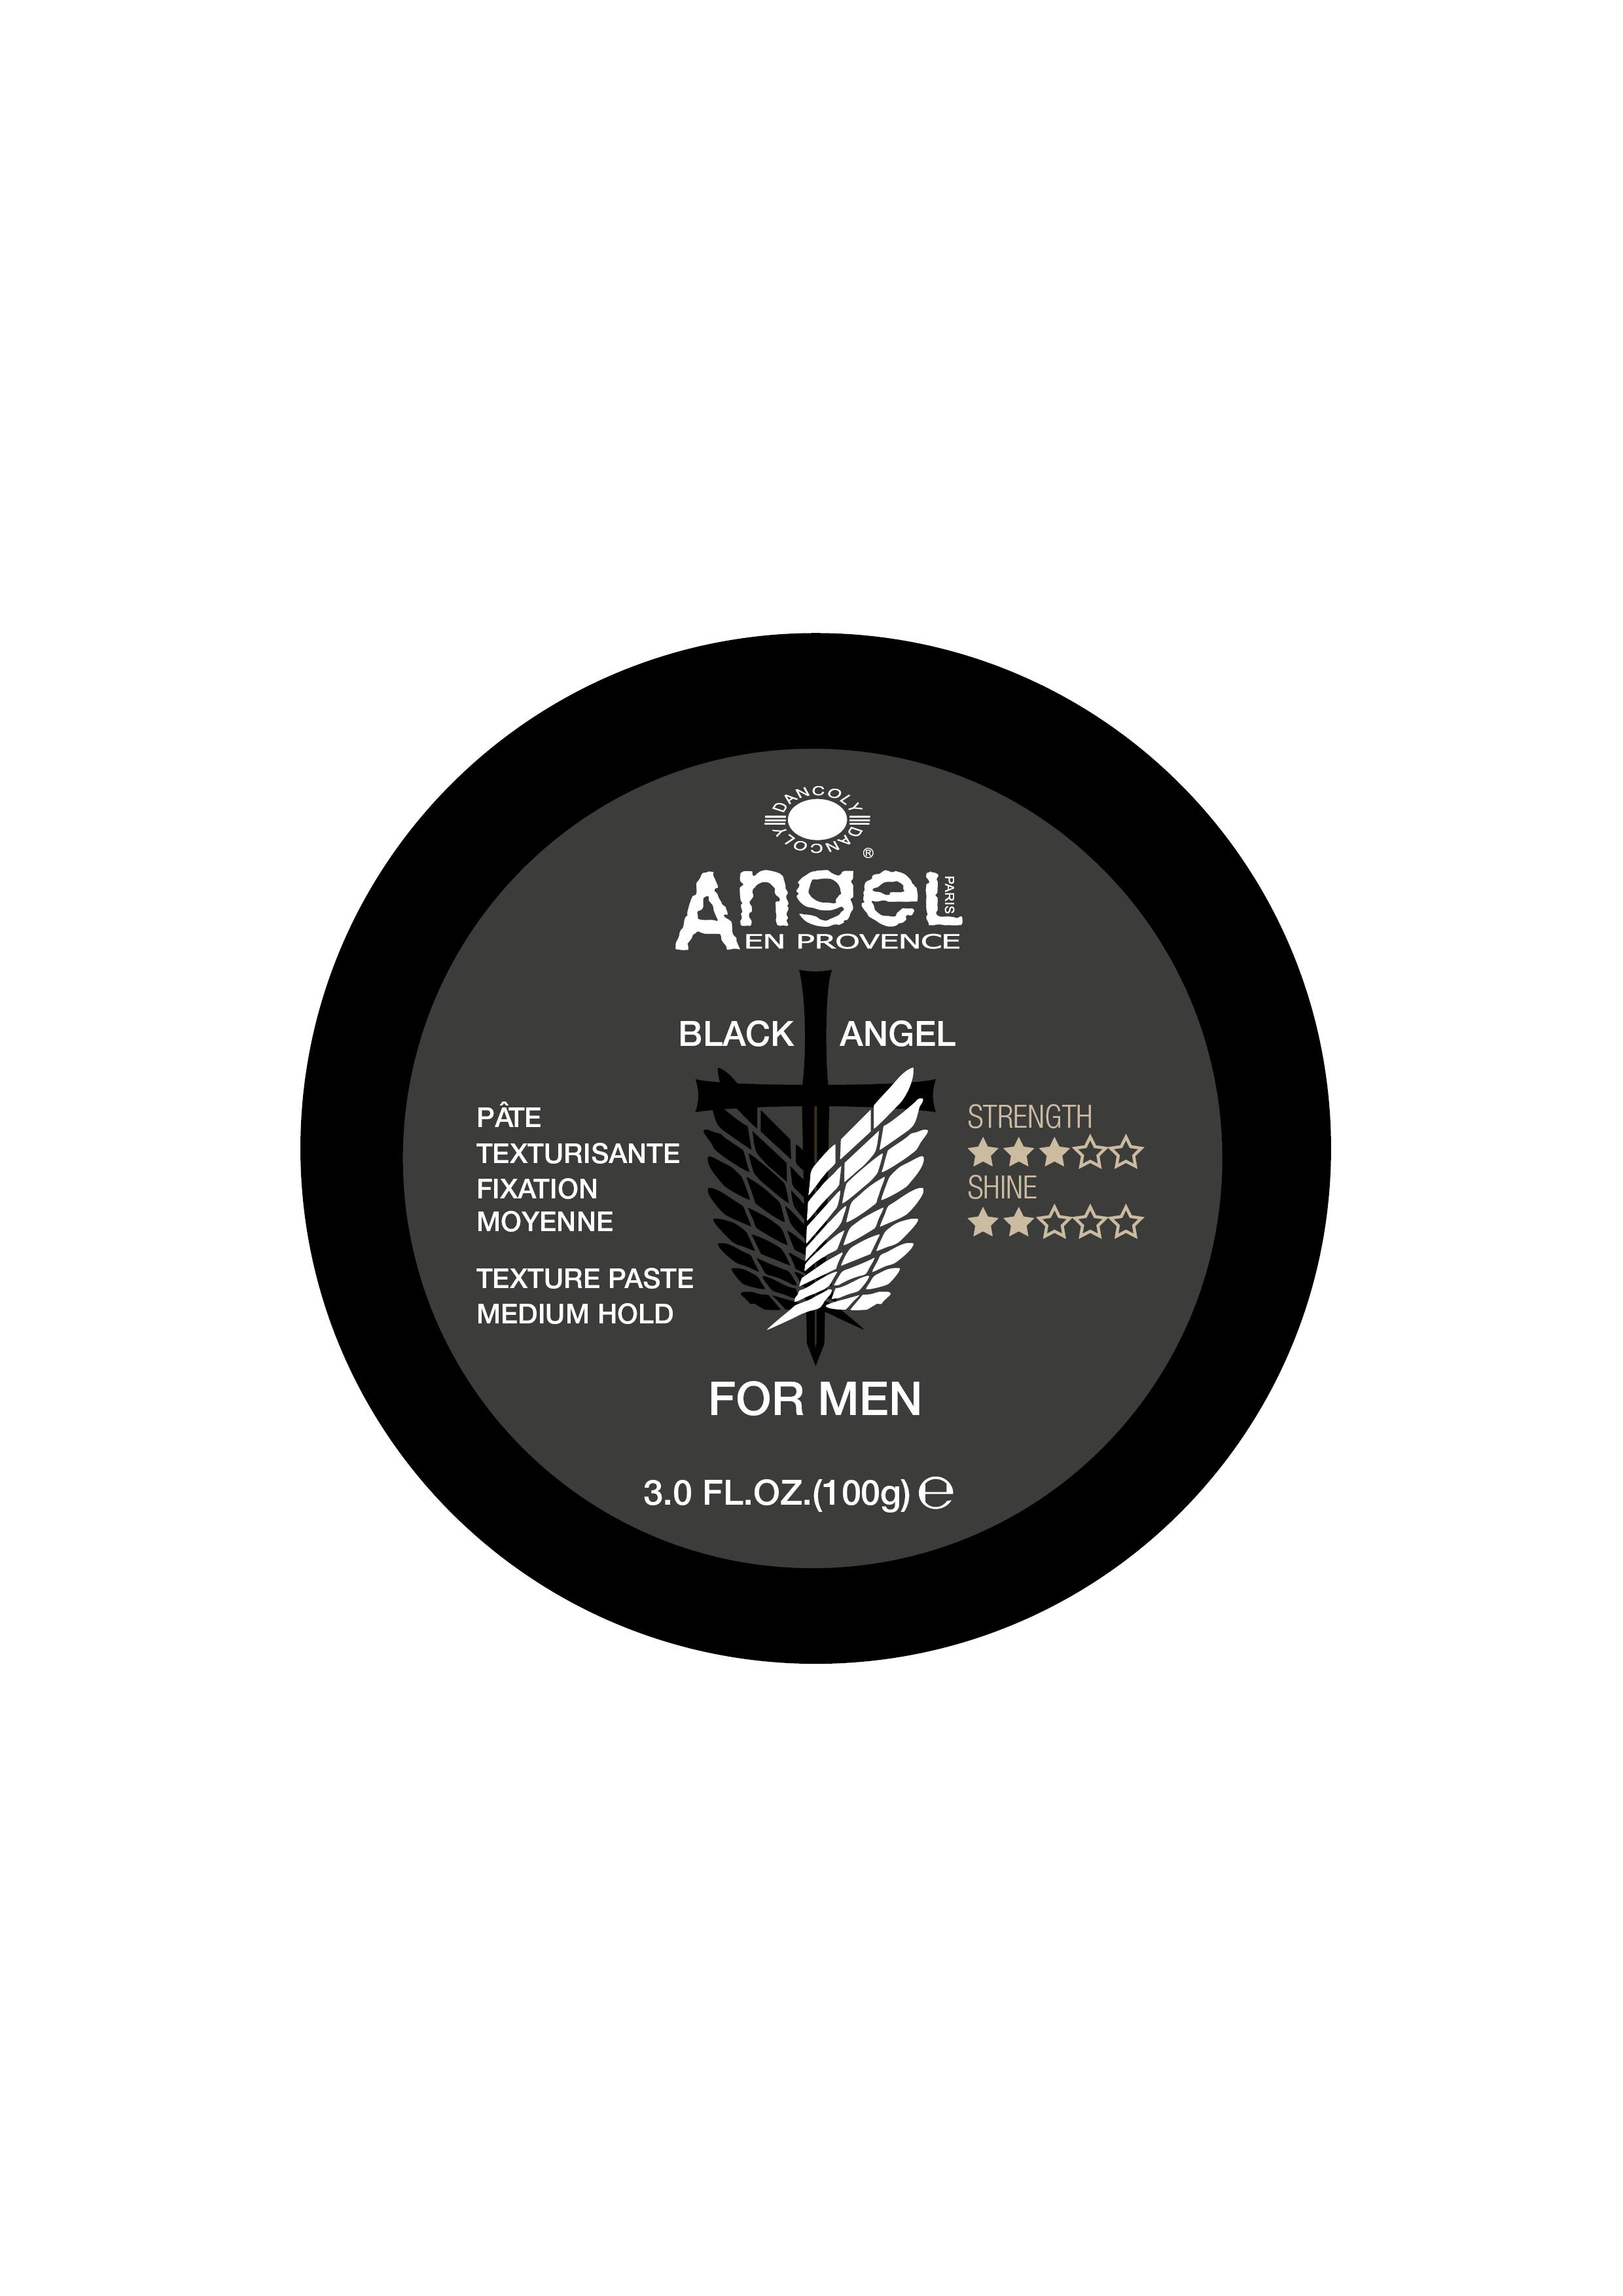 Black Angel Texture Paste Medium Hold.jpg